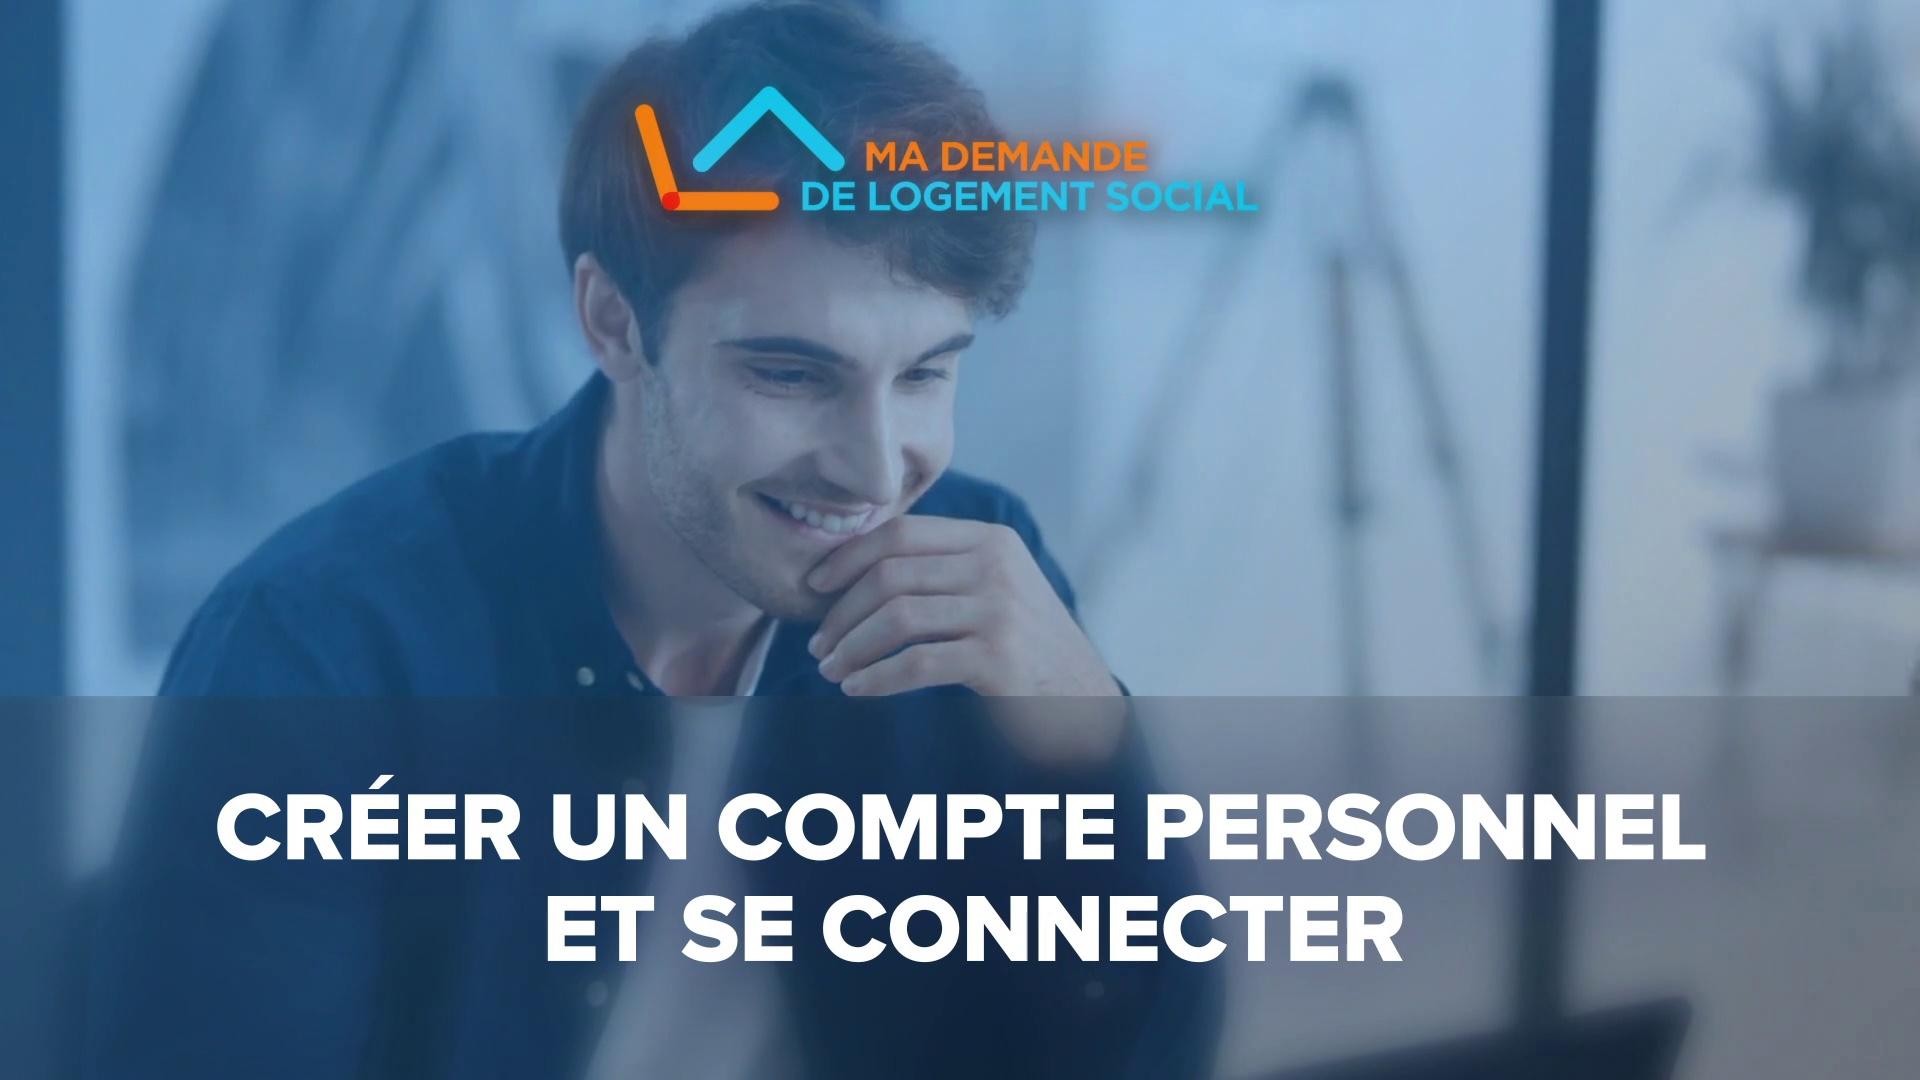 Dailymotion Video: [Tuto1] Créer un compte personnel et se connecter au site de logement social